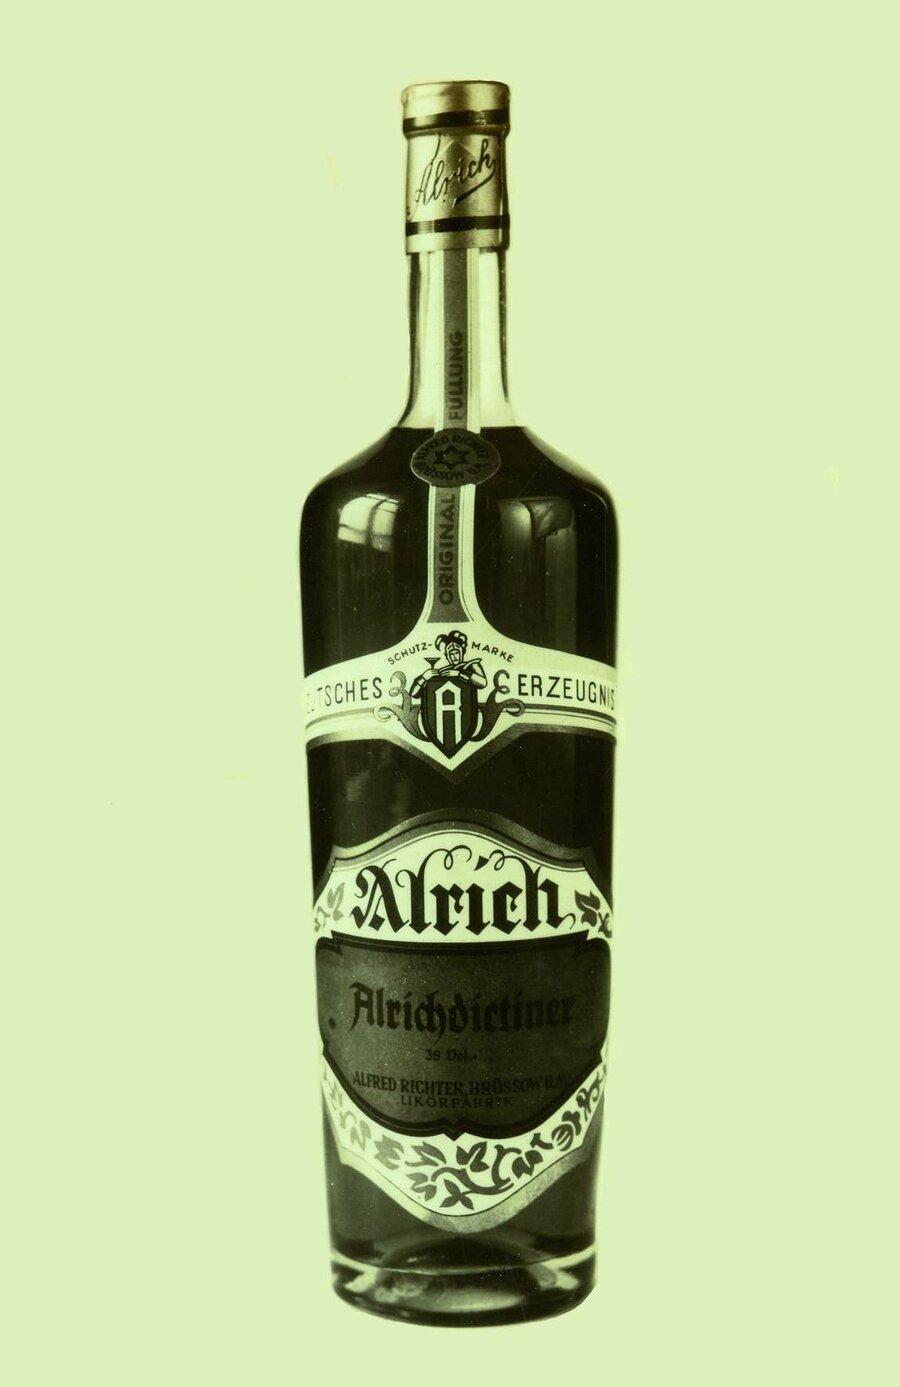 Flasche Alrichdictiner, ©Stephan Becker, Brüssow